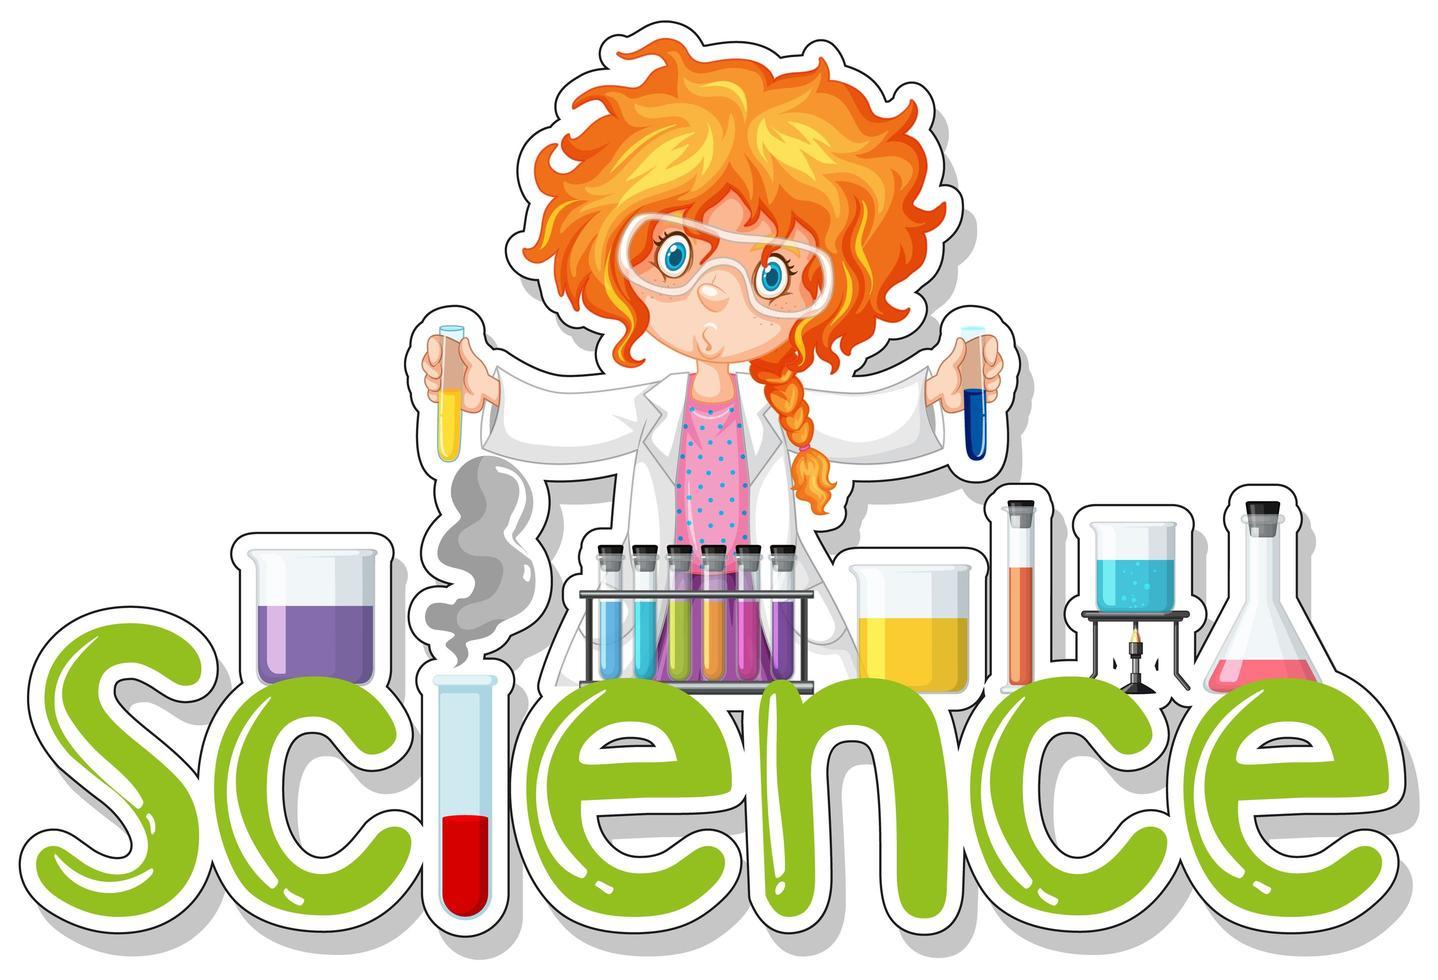 Wissenschafts-Wort-Design mit Studentin vektor